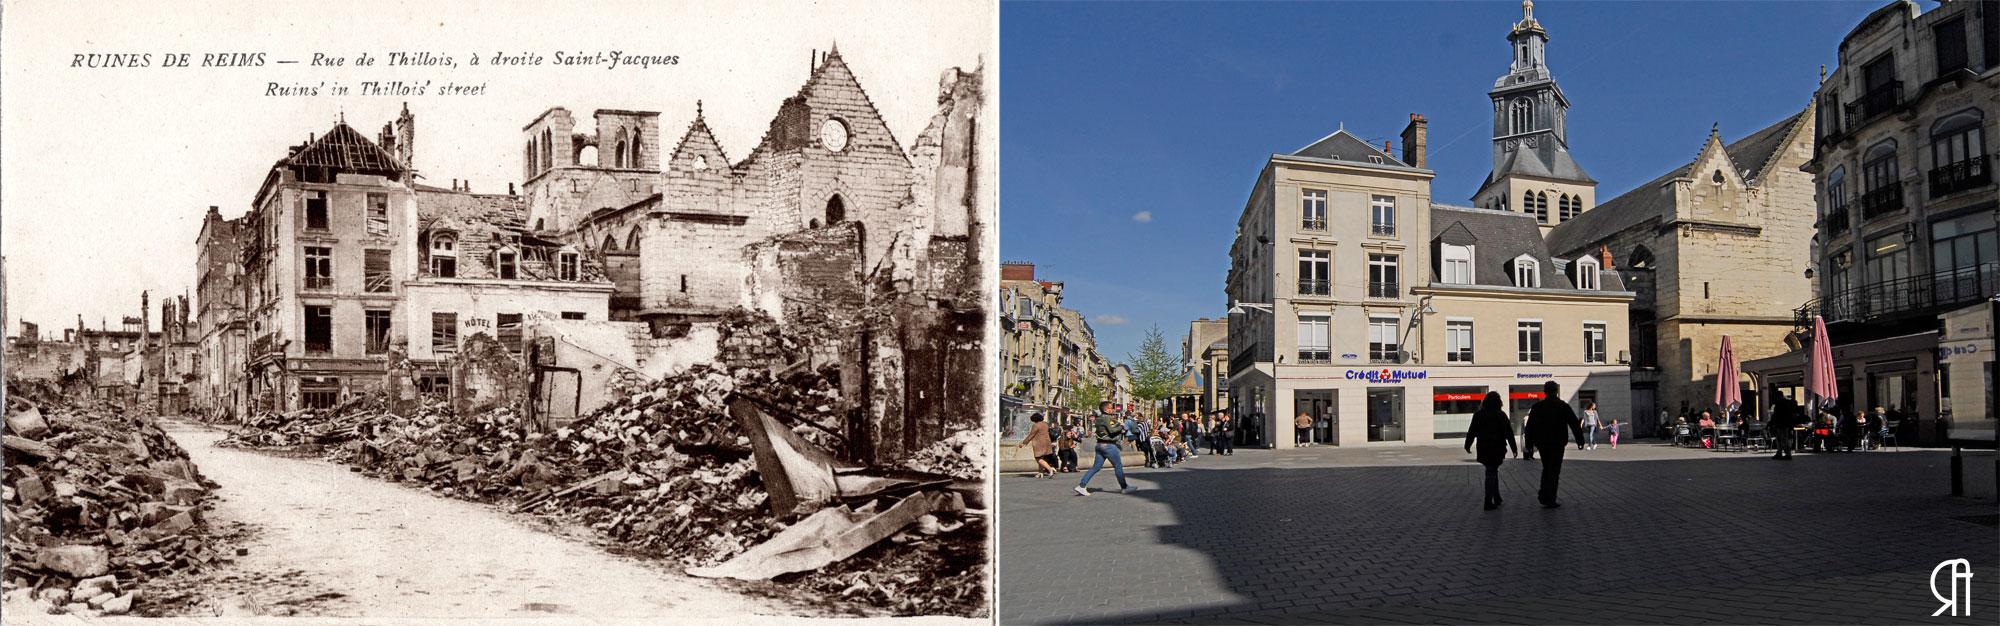 La rue de Thillois et l'église Saint-Jacques après les bombardements